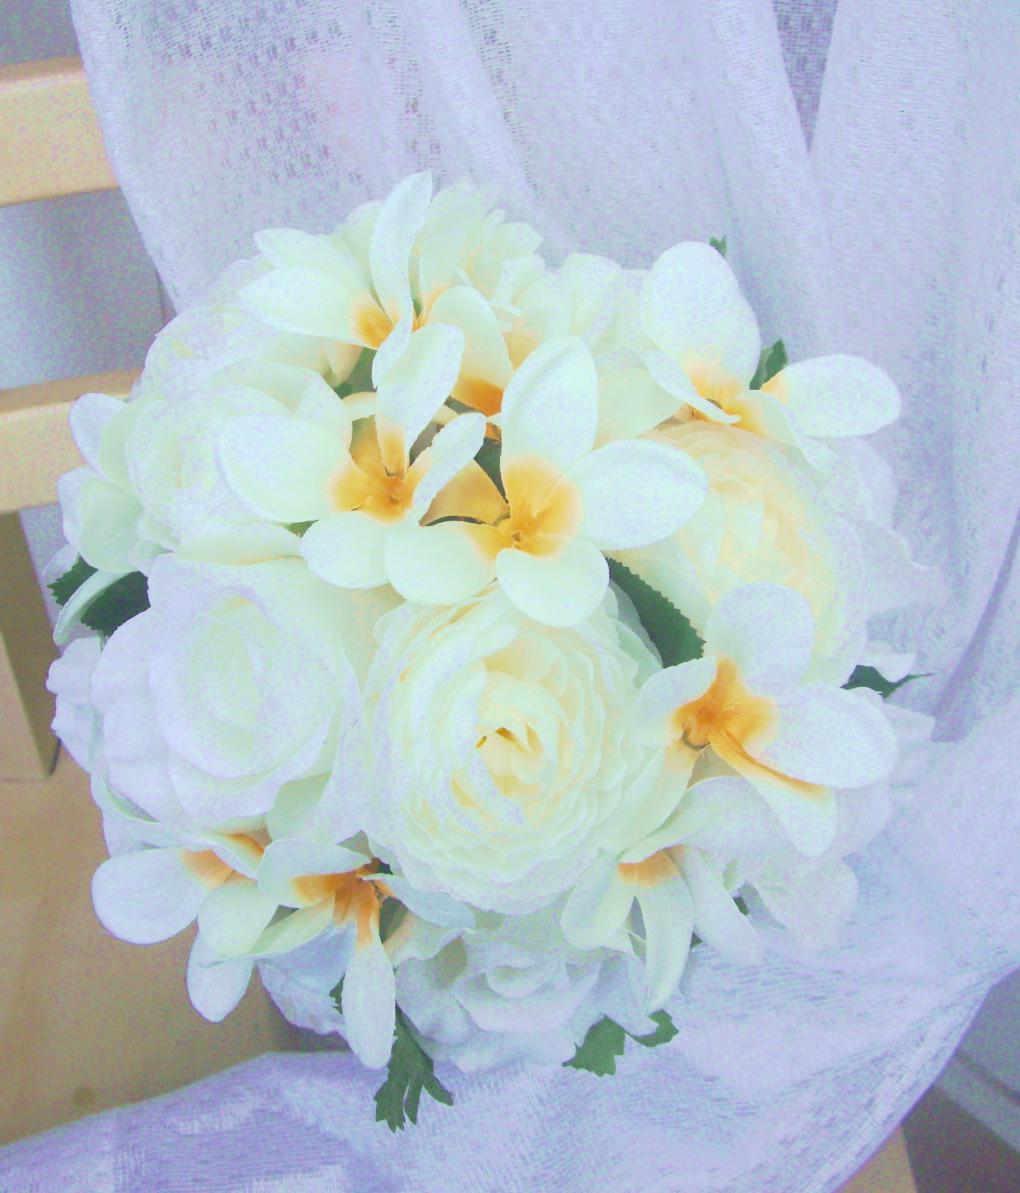 <div>なかなか生花での流通が難しい南国のお花、プルメリアのブーケを造花でおつくりしました。造花だけど本物そっくり。弊社の造花は品質重視で選んでますので、いかにも造花!!なんてお花は使いませんよ★</div><div>ガーデンスタイルはもちろん、海が好きな新郎新婦にもおすすめ♪</div><div>海外挙式の花嫁さんは現地でブーケを作ることになっちゃうので、心配も多いはず。でも造花ブーケなら持ち込み可能なので自分好みのブーケに仕上がりますよ。安心してお任せください。</div>